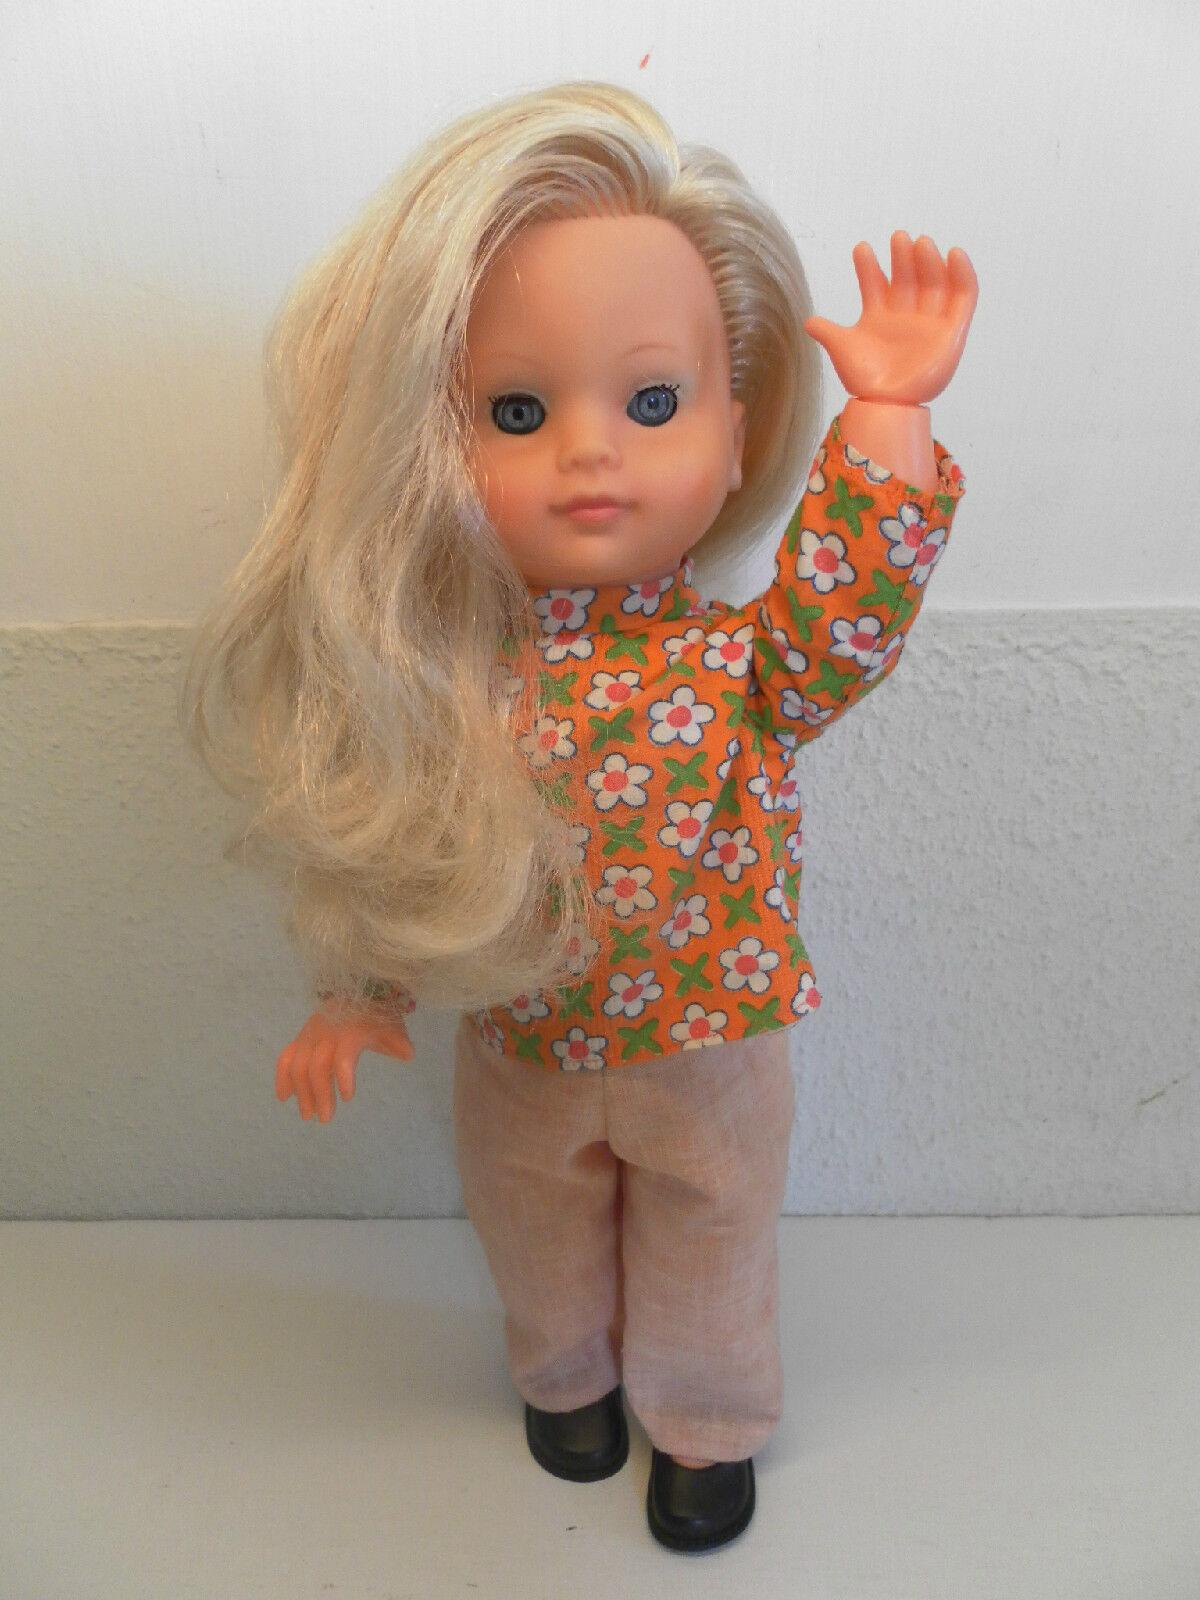 WILDEBRAS Europe Europe Europe Seventies Teen Doll in Original Clothing 40cm   15.75 in 2def26